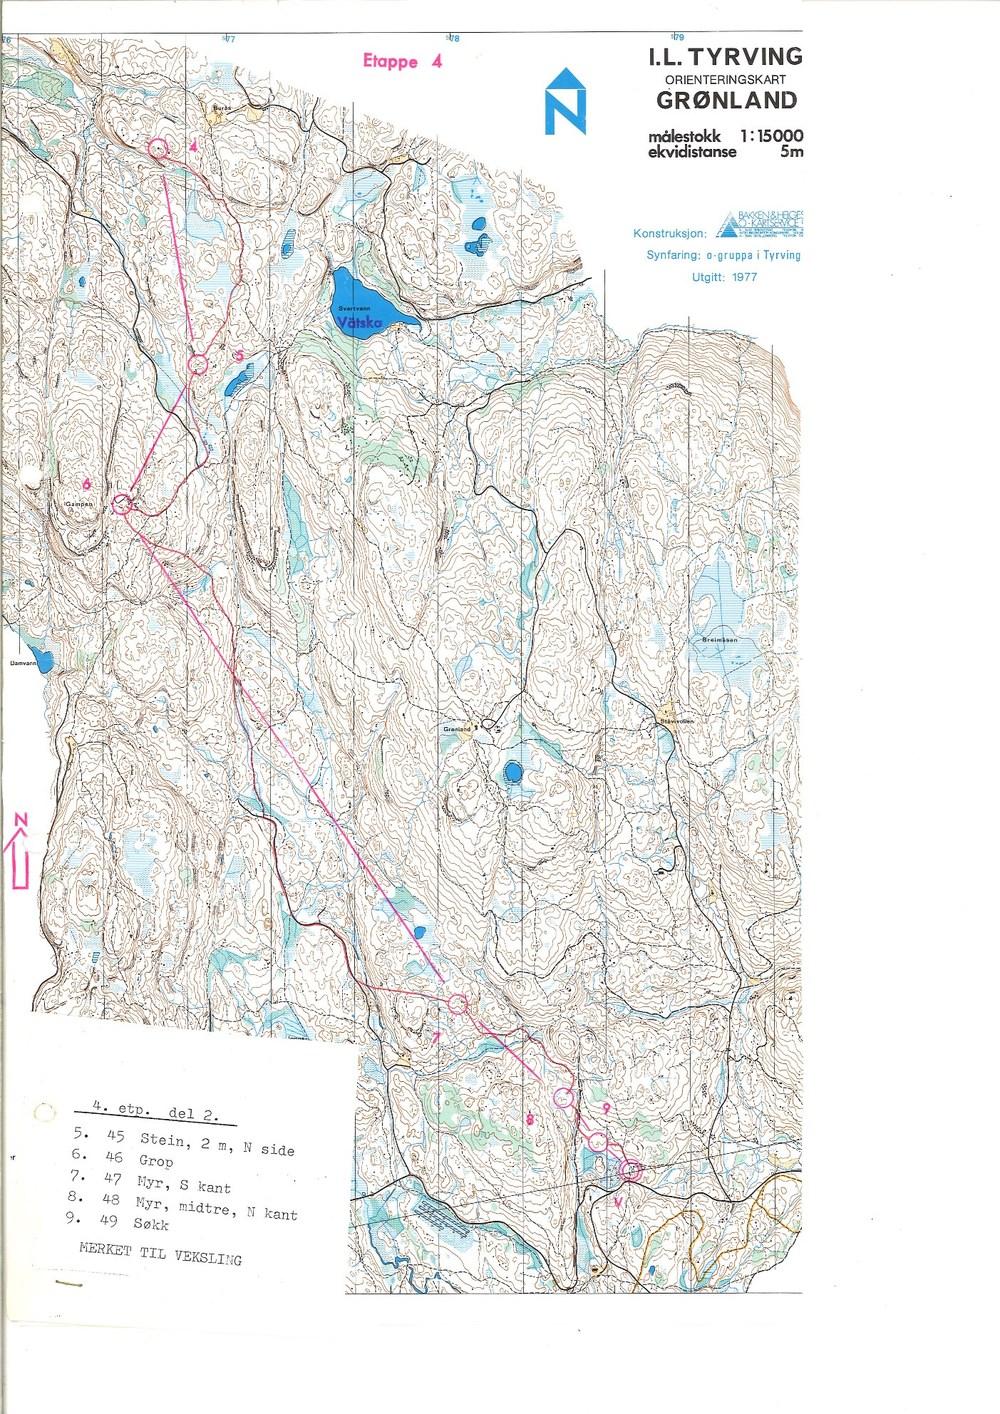 Del 2 av 4. etappe 1979 fra Per Kristian Ekeberg. Start: Skoglund Mål: Vestmarksetra